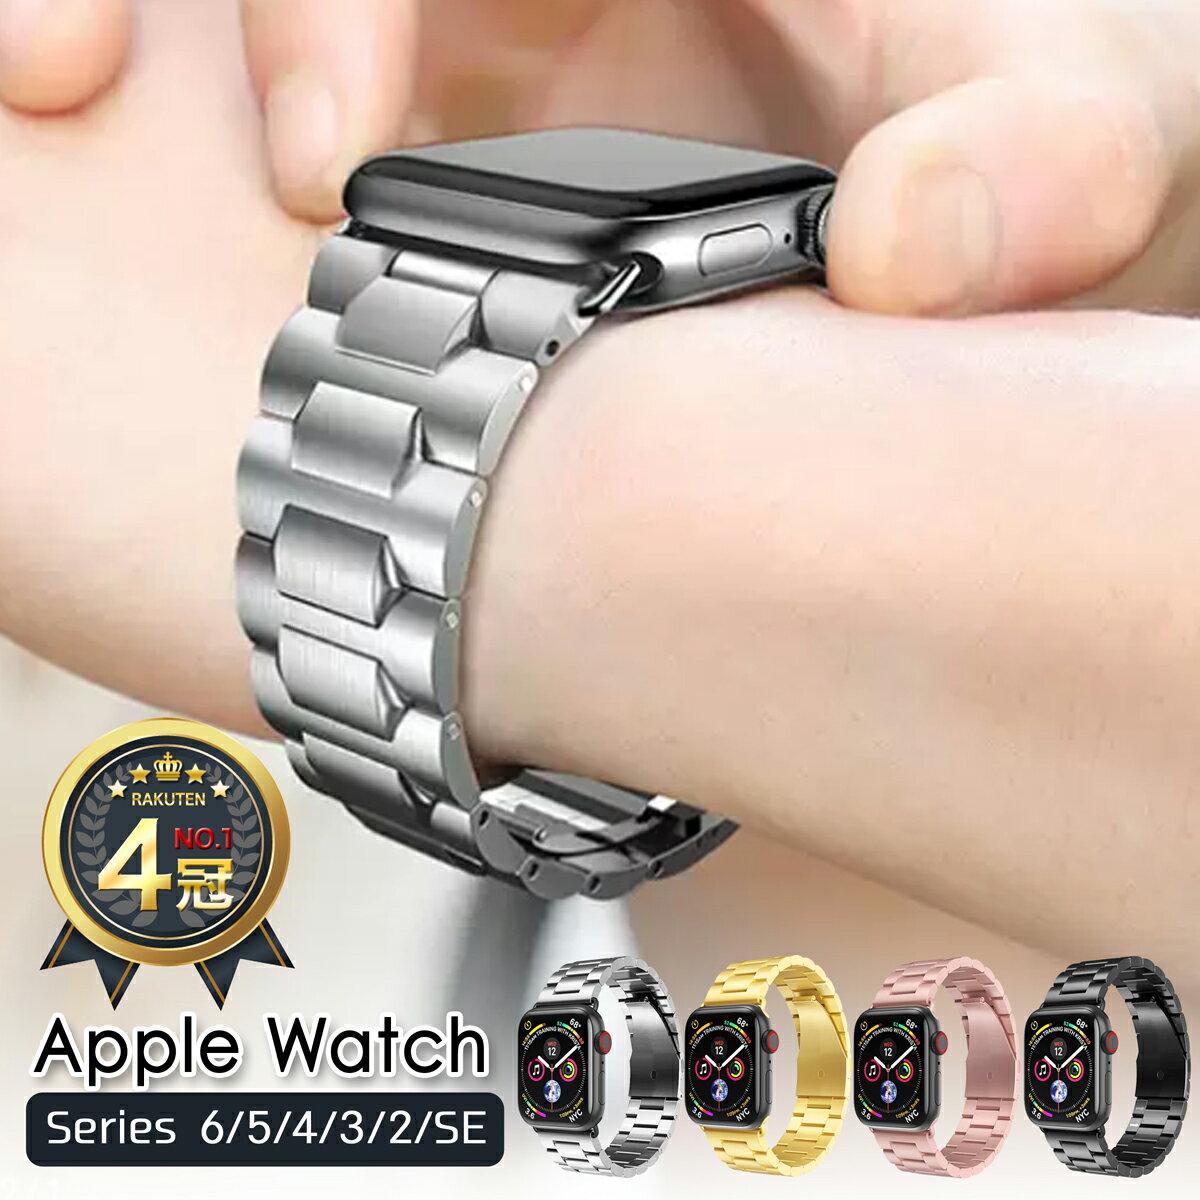 腕時計用アクセサリー, 腕時計用ベルト・バンド  Apple Watch 38mm 42mm 40mm 44mm Series1 2 3 4 5 6 7 SE applewatch4